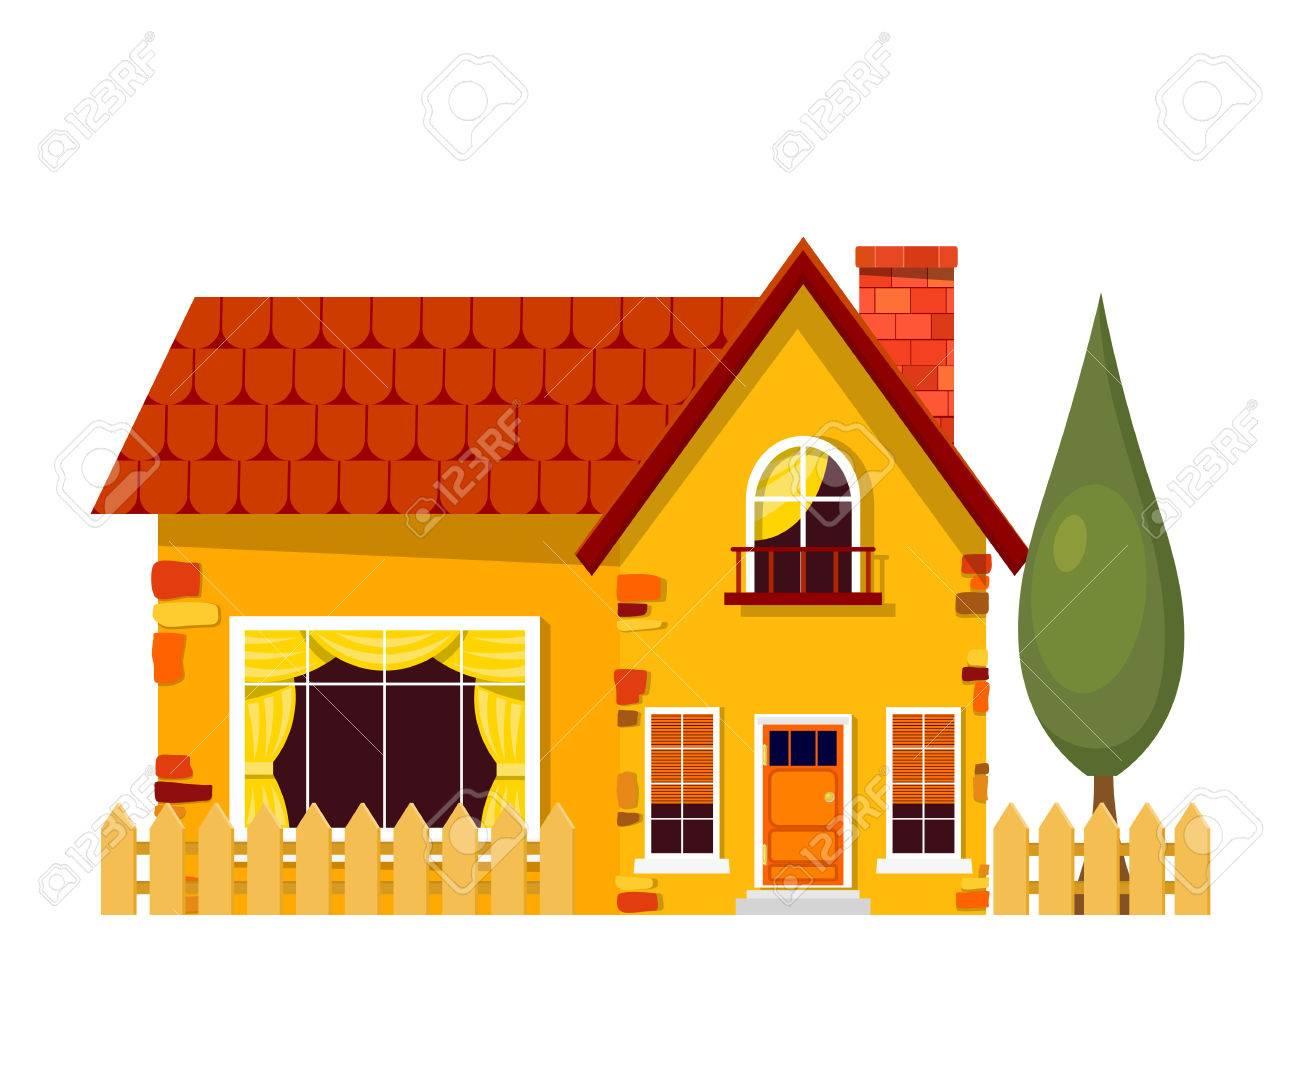 Banque dimages maison jaune avec des peupliers maison de dessin animé avec clôture et arbre vert sur fond blanc illustration de la maison rurale